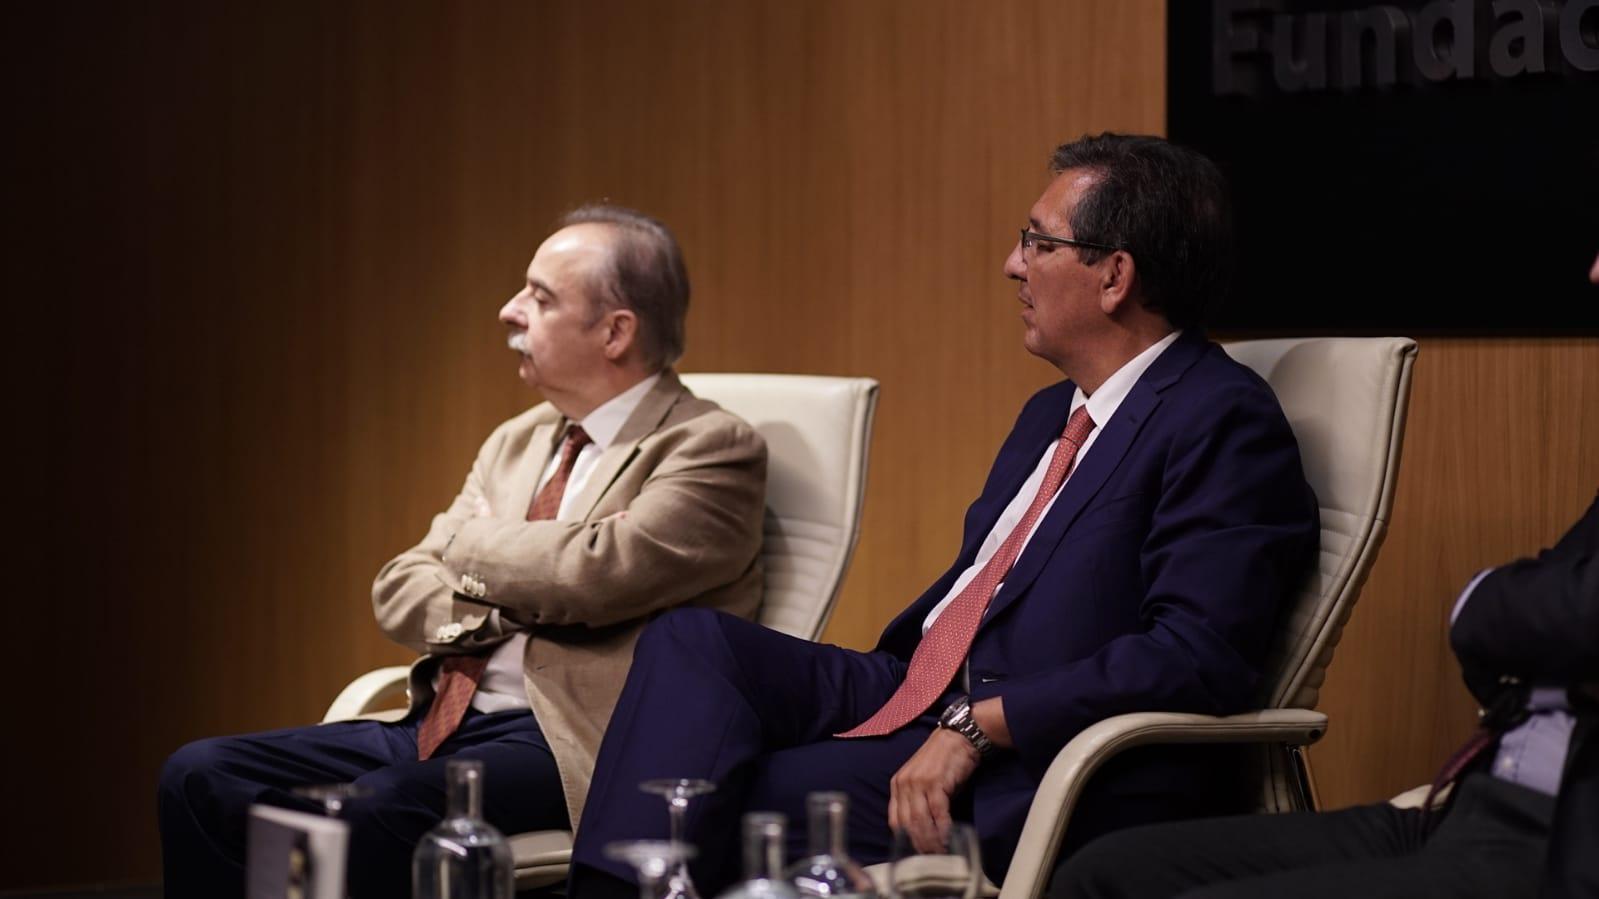 Presidente de Fundación Cajasol, en presentación de Luces de ciudad6-26-23-52-13 (1)